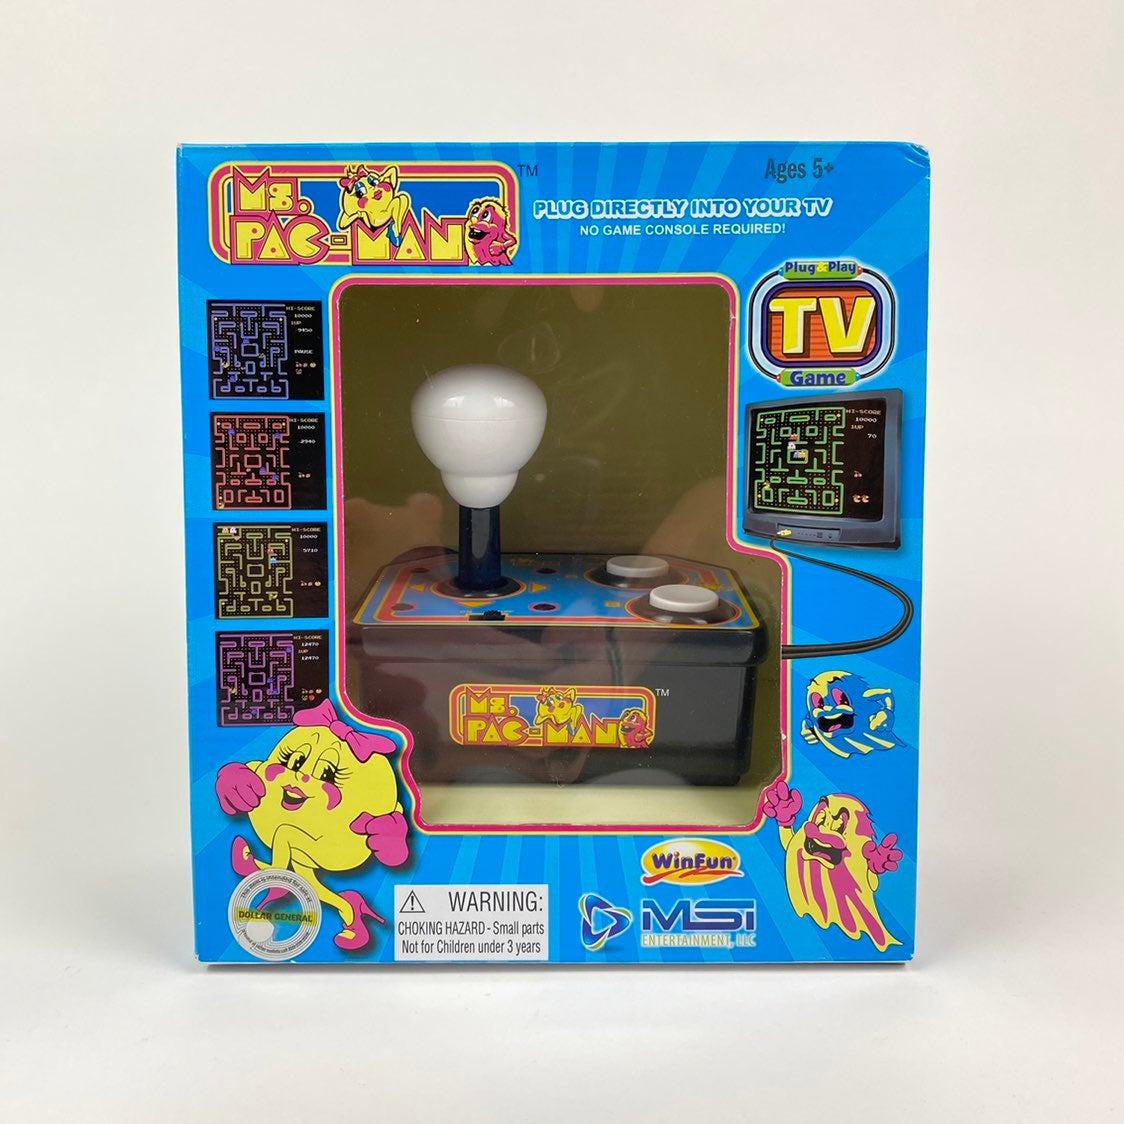 Ms. Pac-Man Plug & Play MSI WinFun